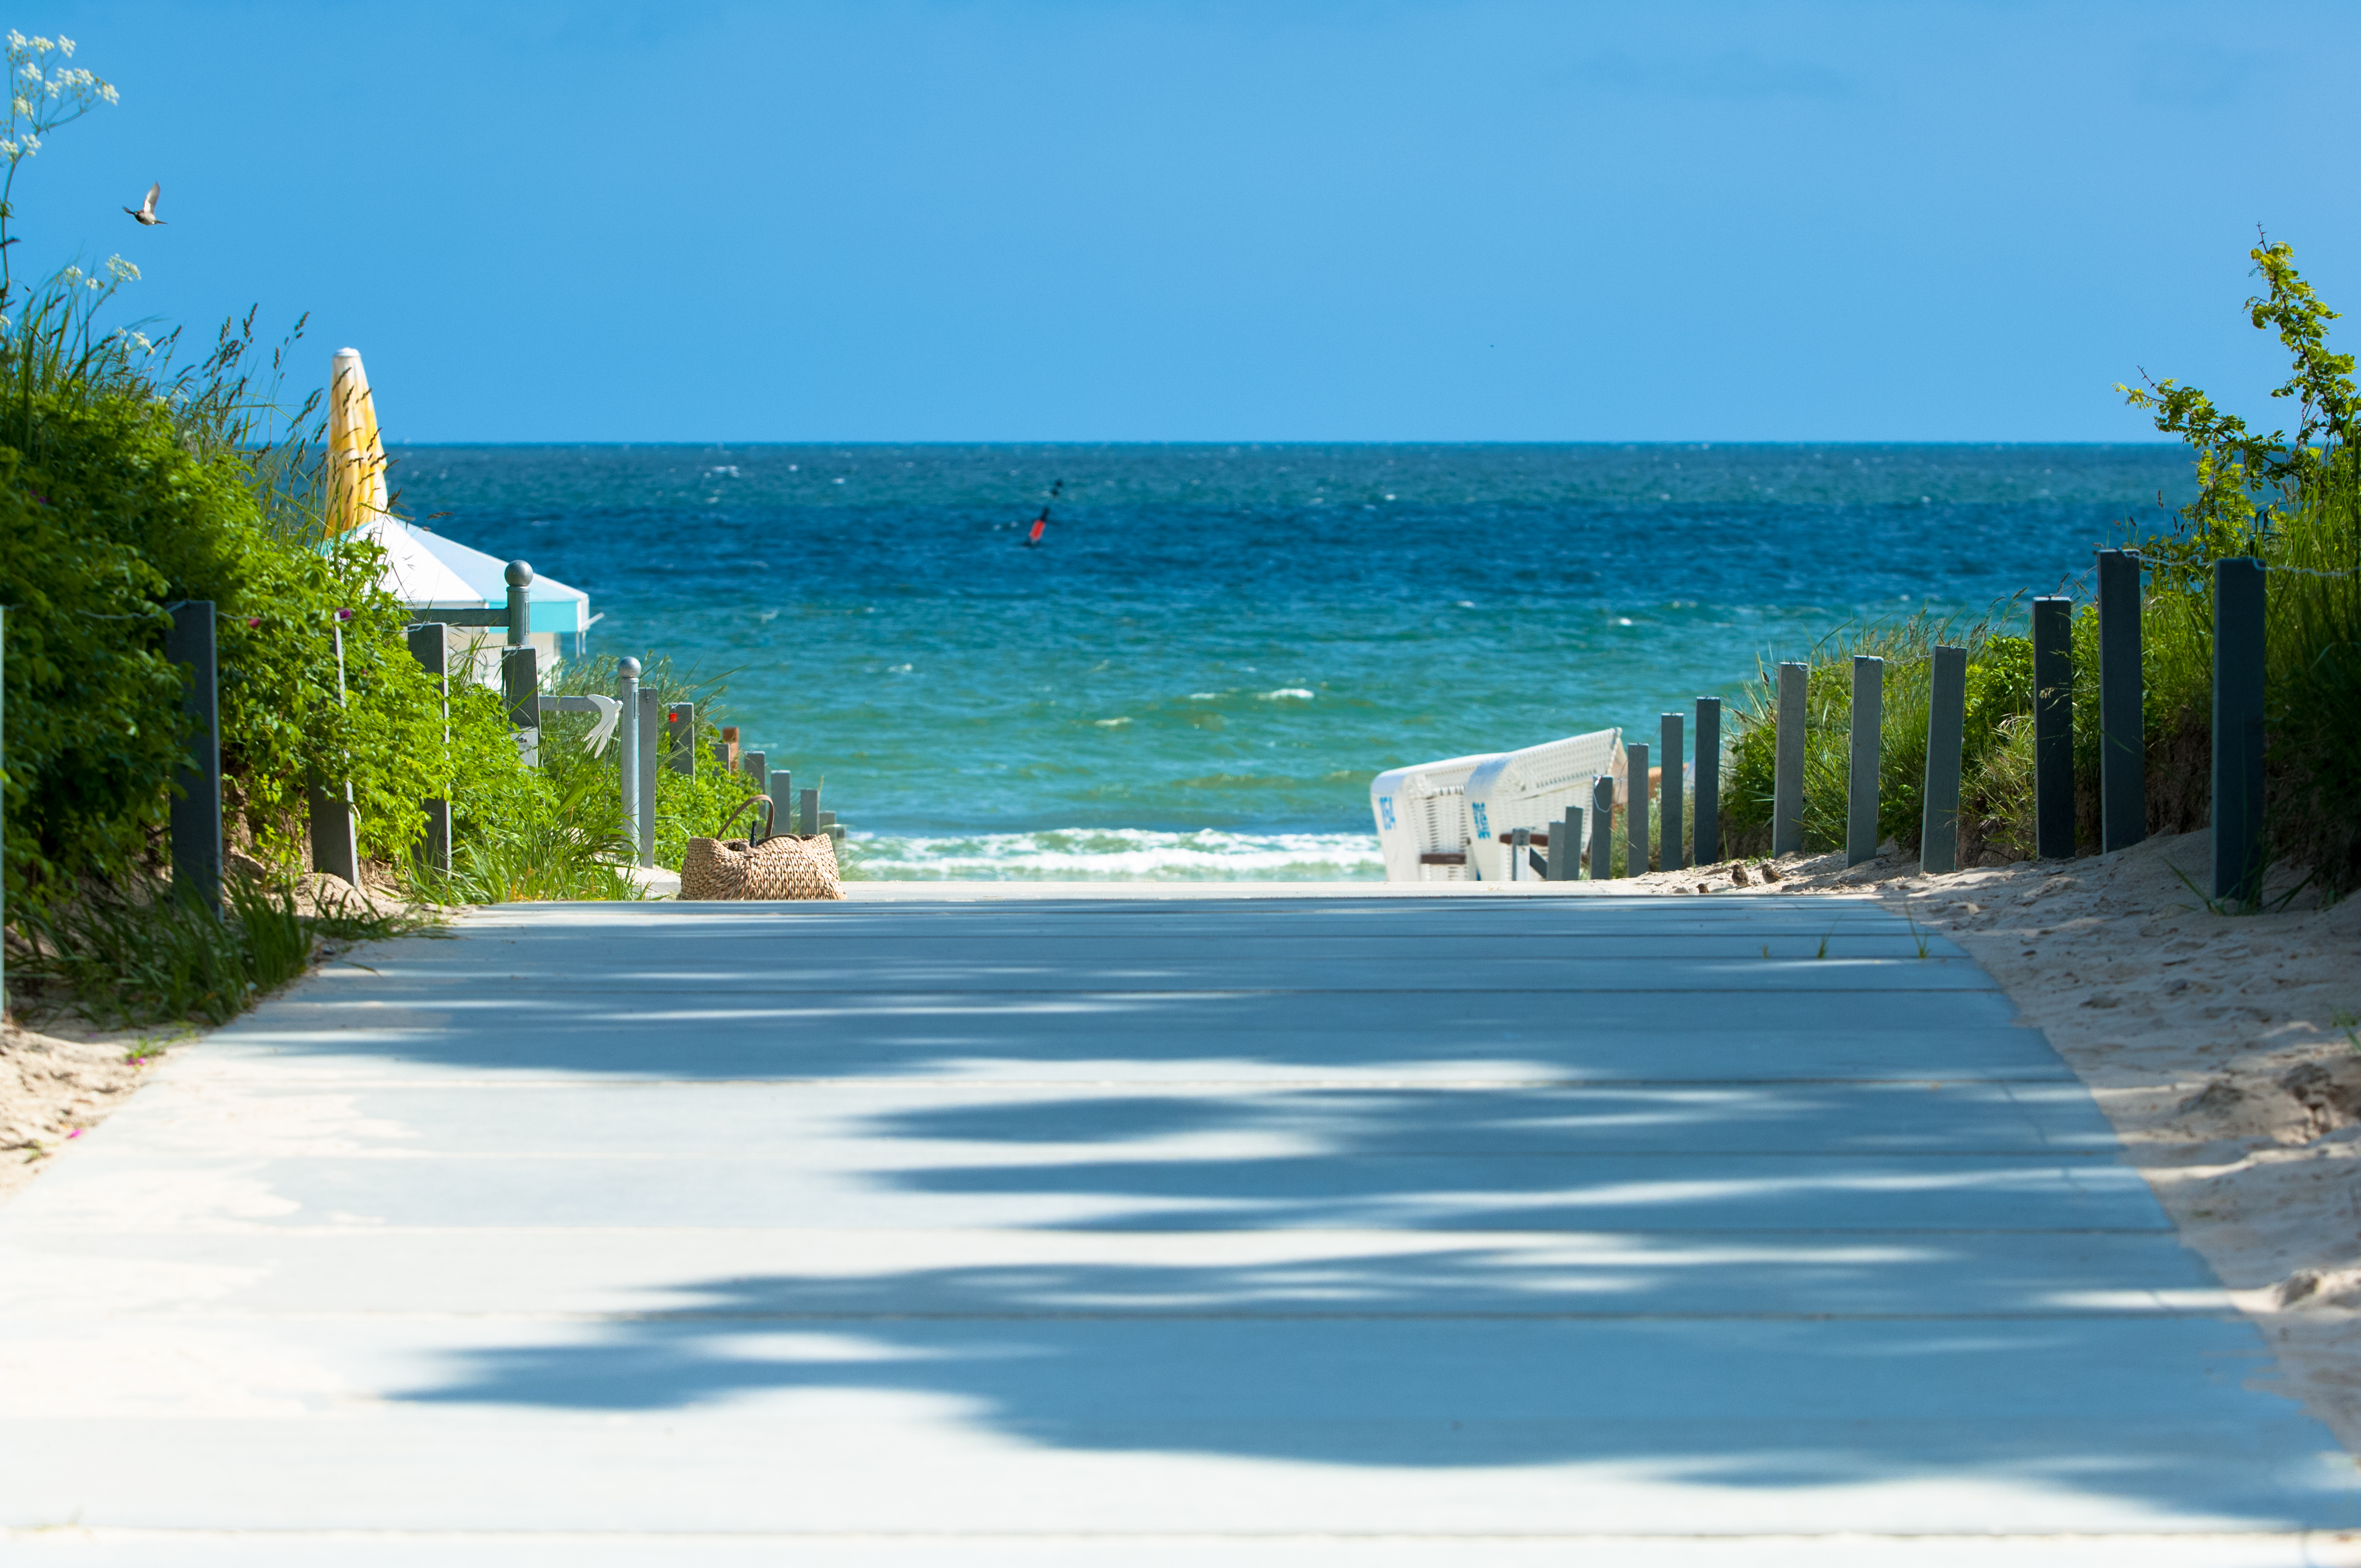 Spazieren Sie an der Ostsee entlang und genie�en das Wellenrauschen. Quelle: Beauty &mSpa Hotel Binz, R�gen - beauty24 GmbH